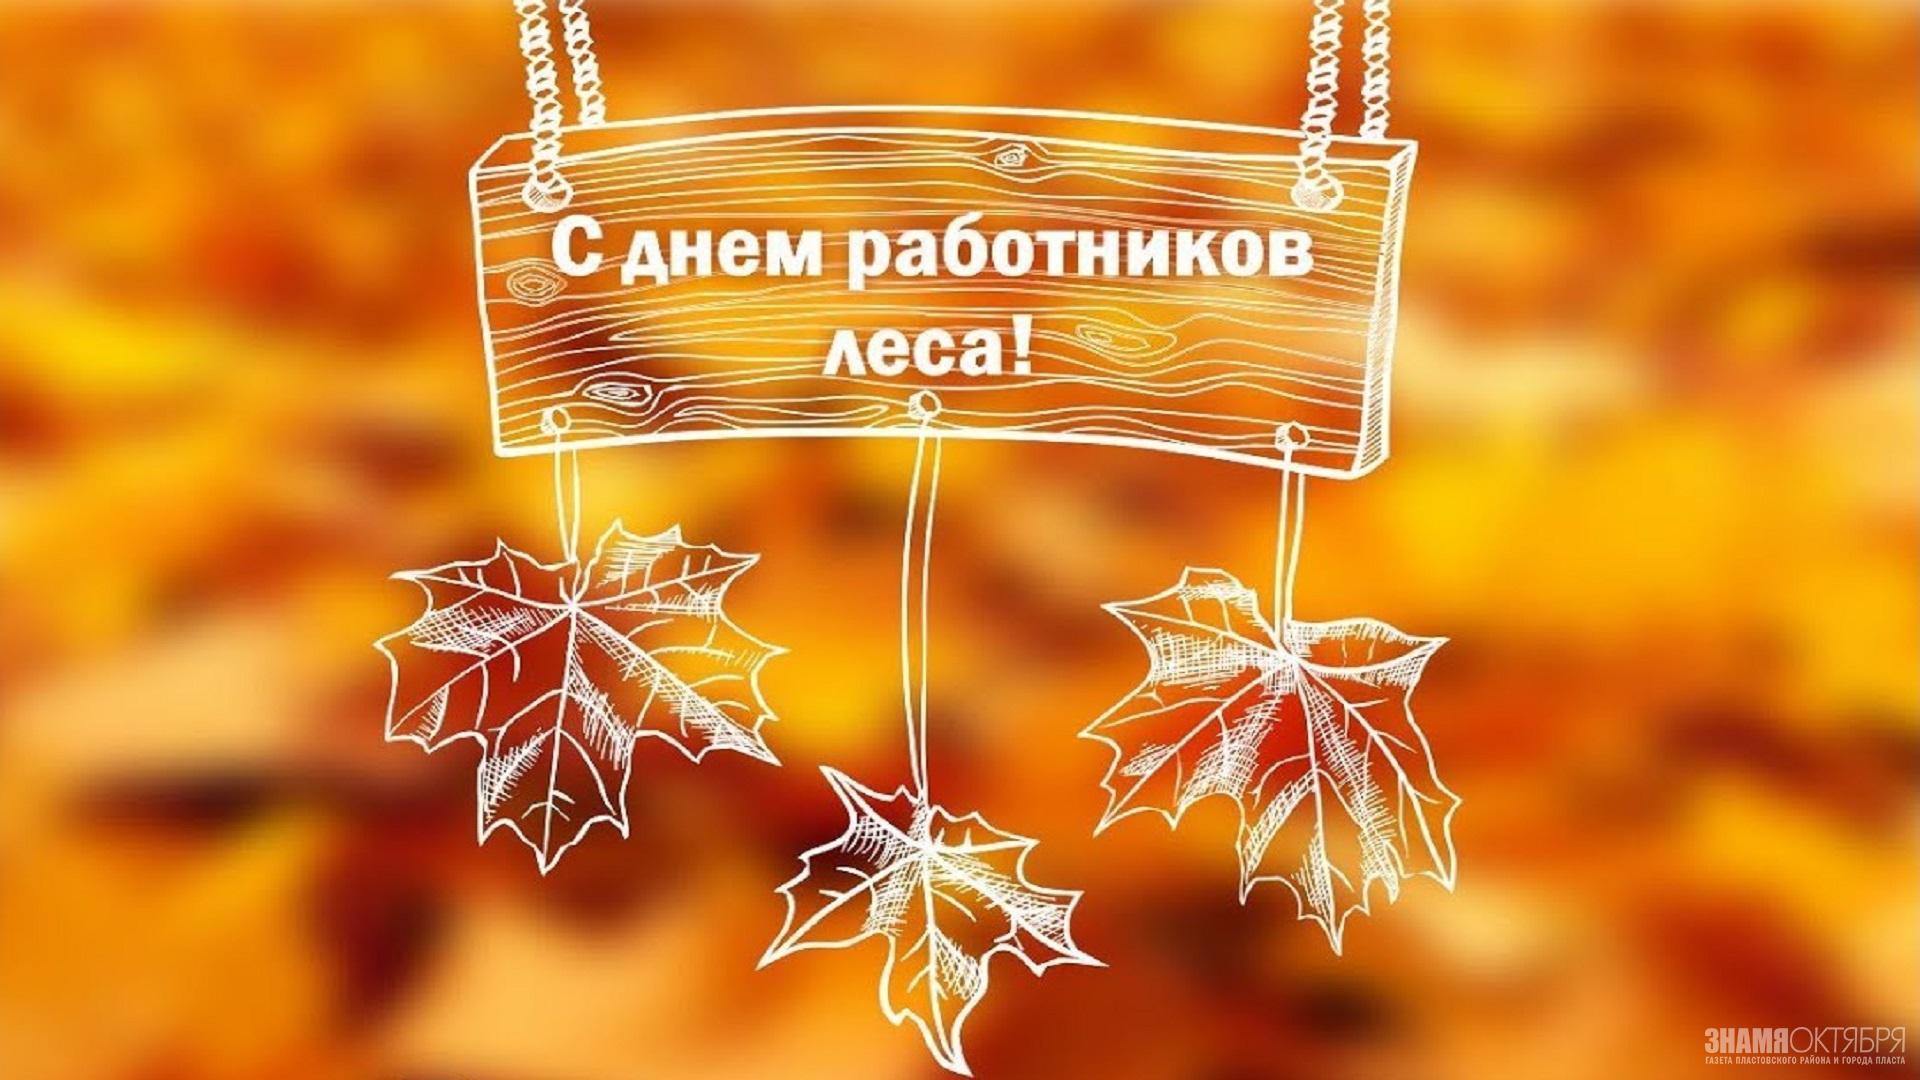 День работников леса и лесоперерабатывающей промышленности!